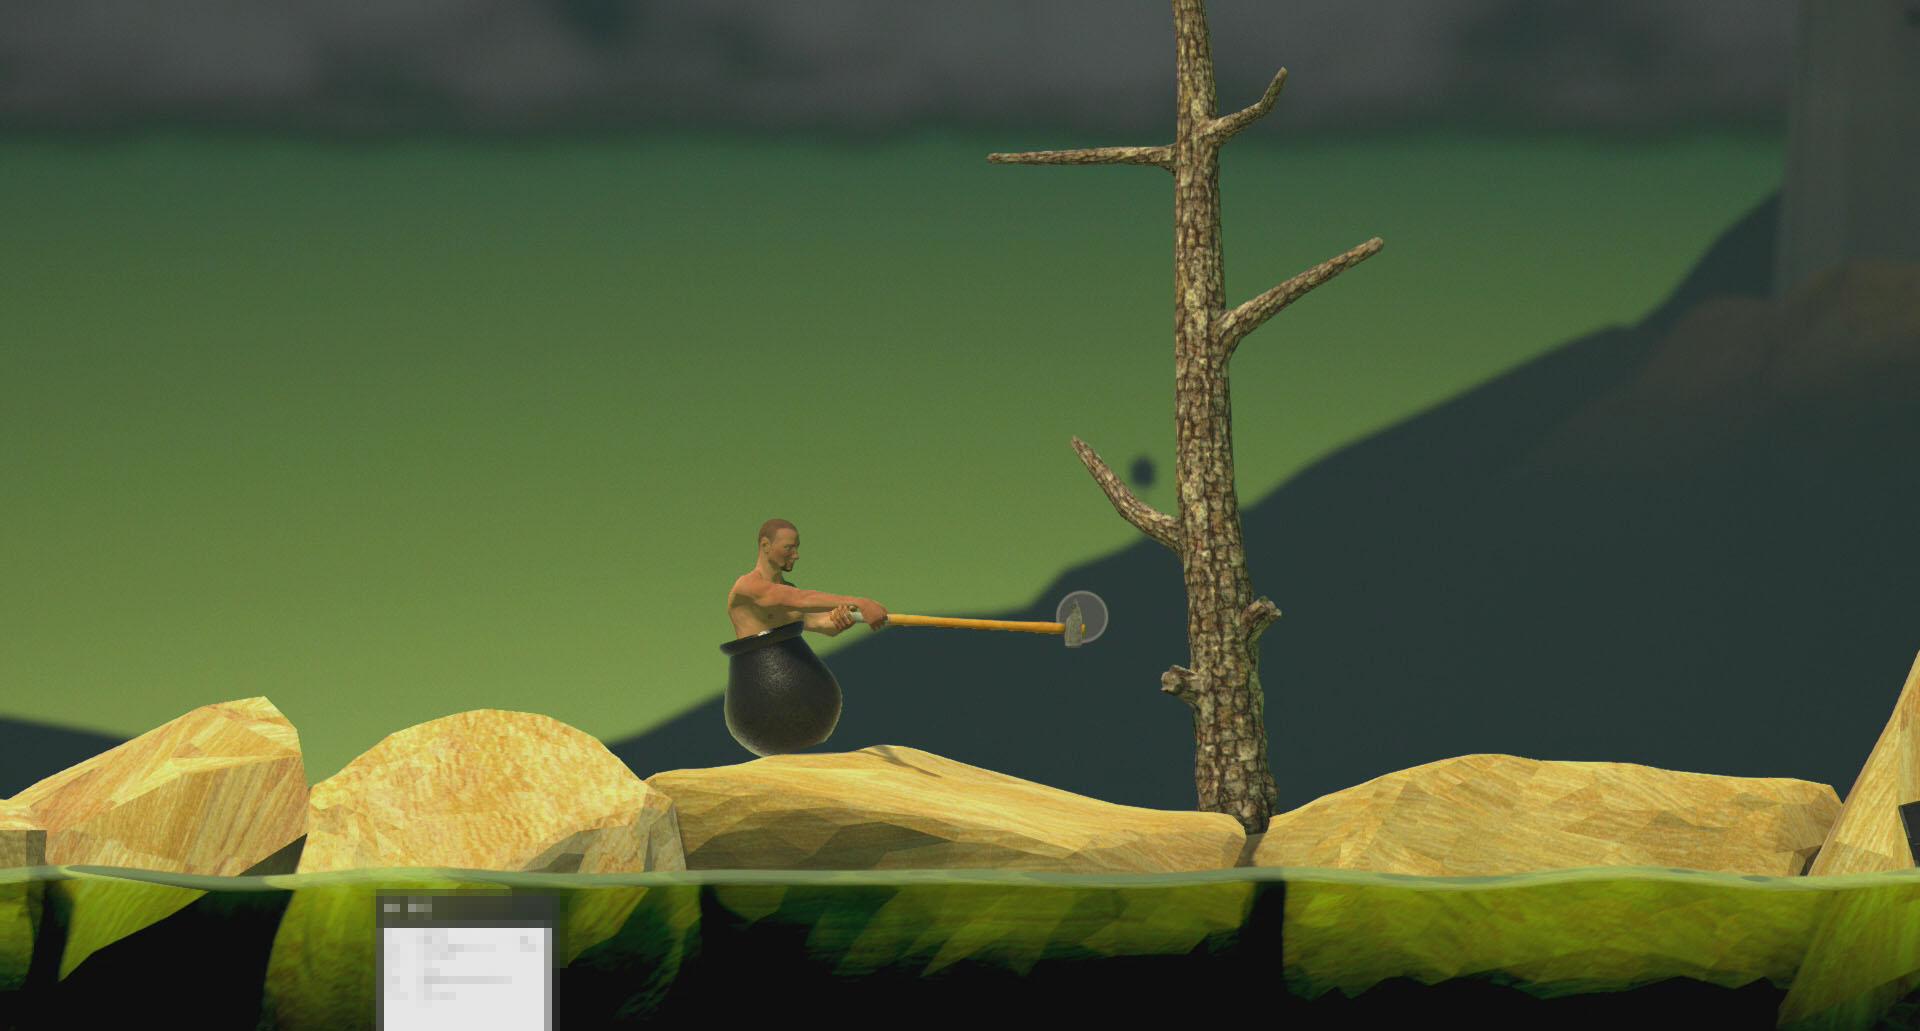 「Getting Over It」は下半身がずっぽりと壺にはまった、ハンマーを持った半裸の男を操作して崖をひたすら登っていくゲーム。操作性にかなり癖があり、筆者は最初の5分間、この最初の障害物の木すら越えられず悪戦苦闘した